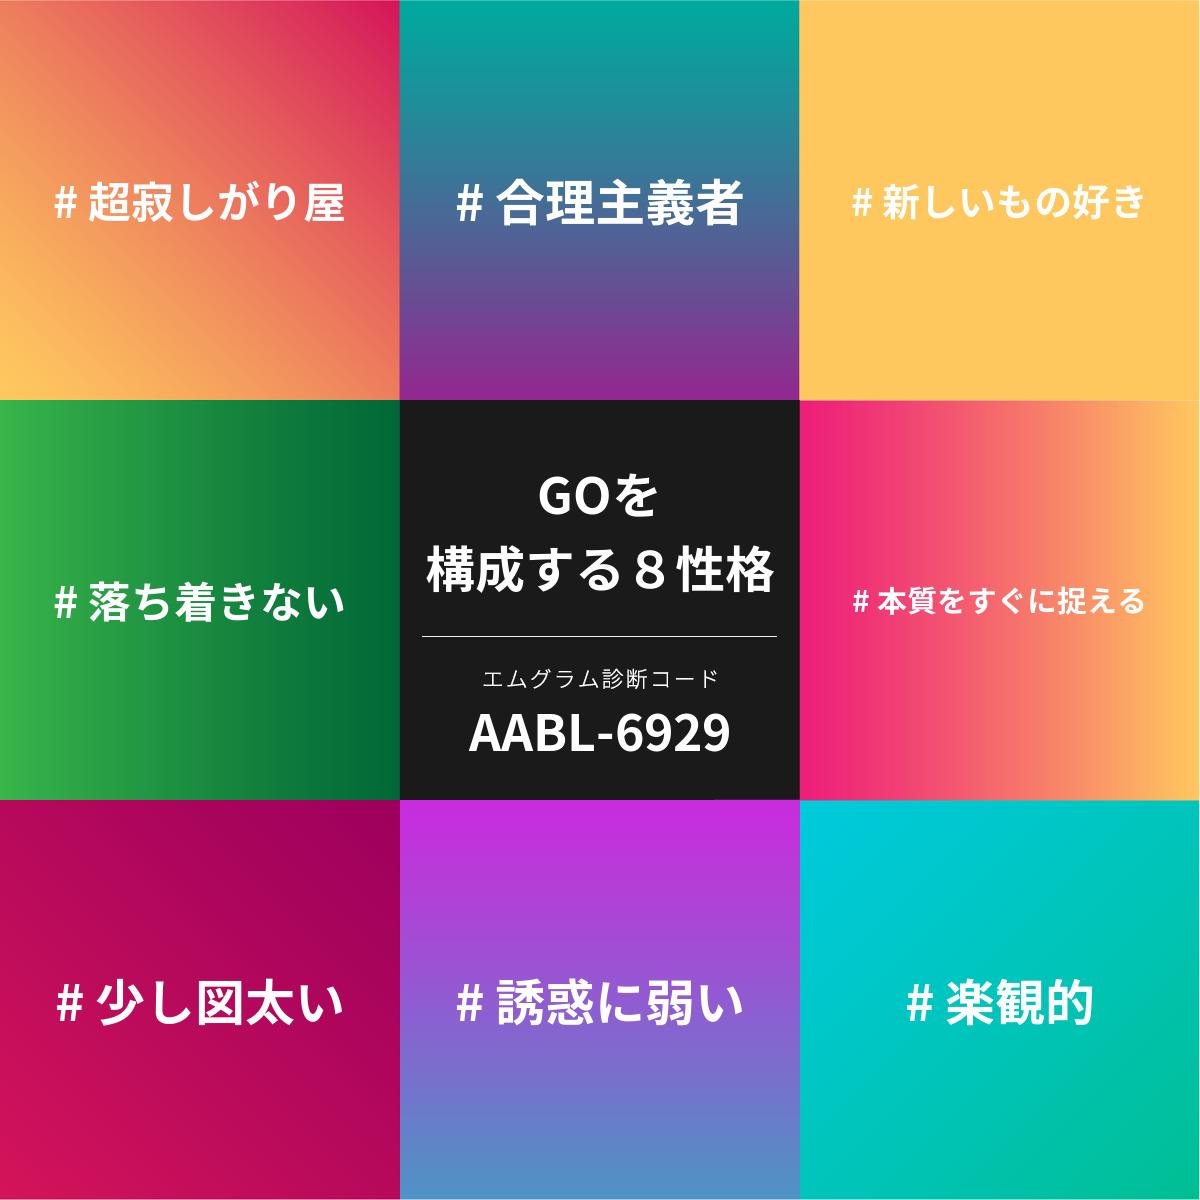 4a4da507 b89a 48cc b8fa be8079c8e134